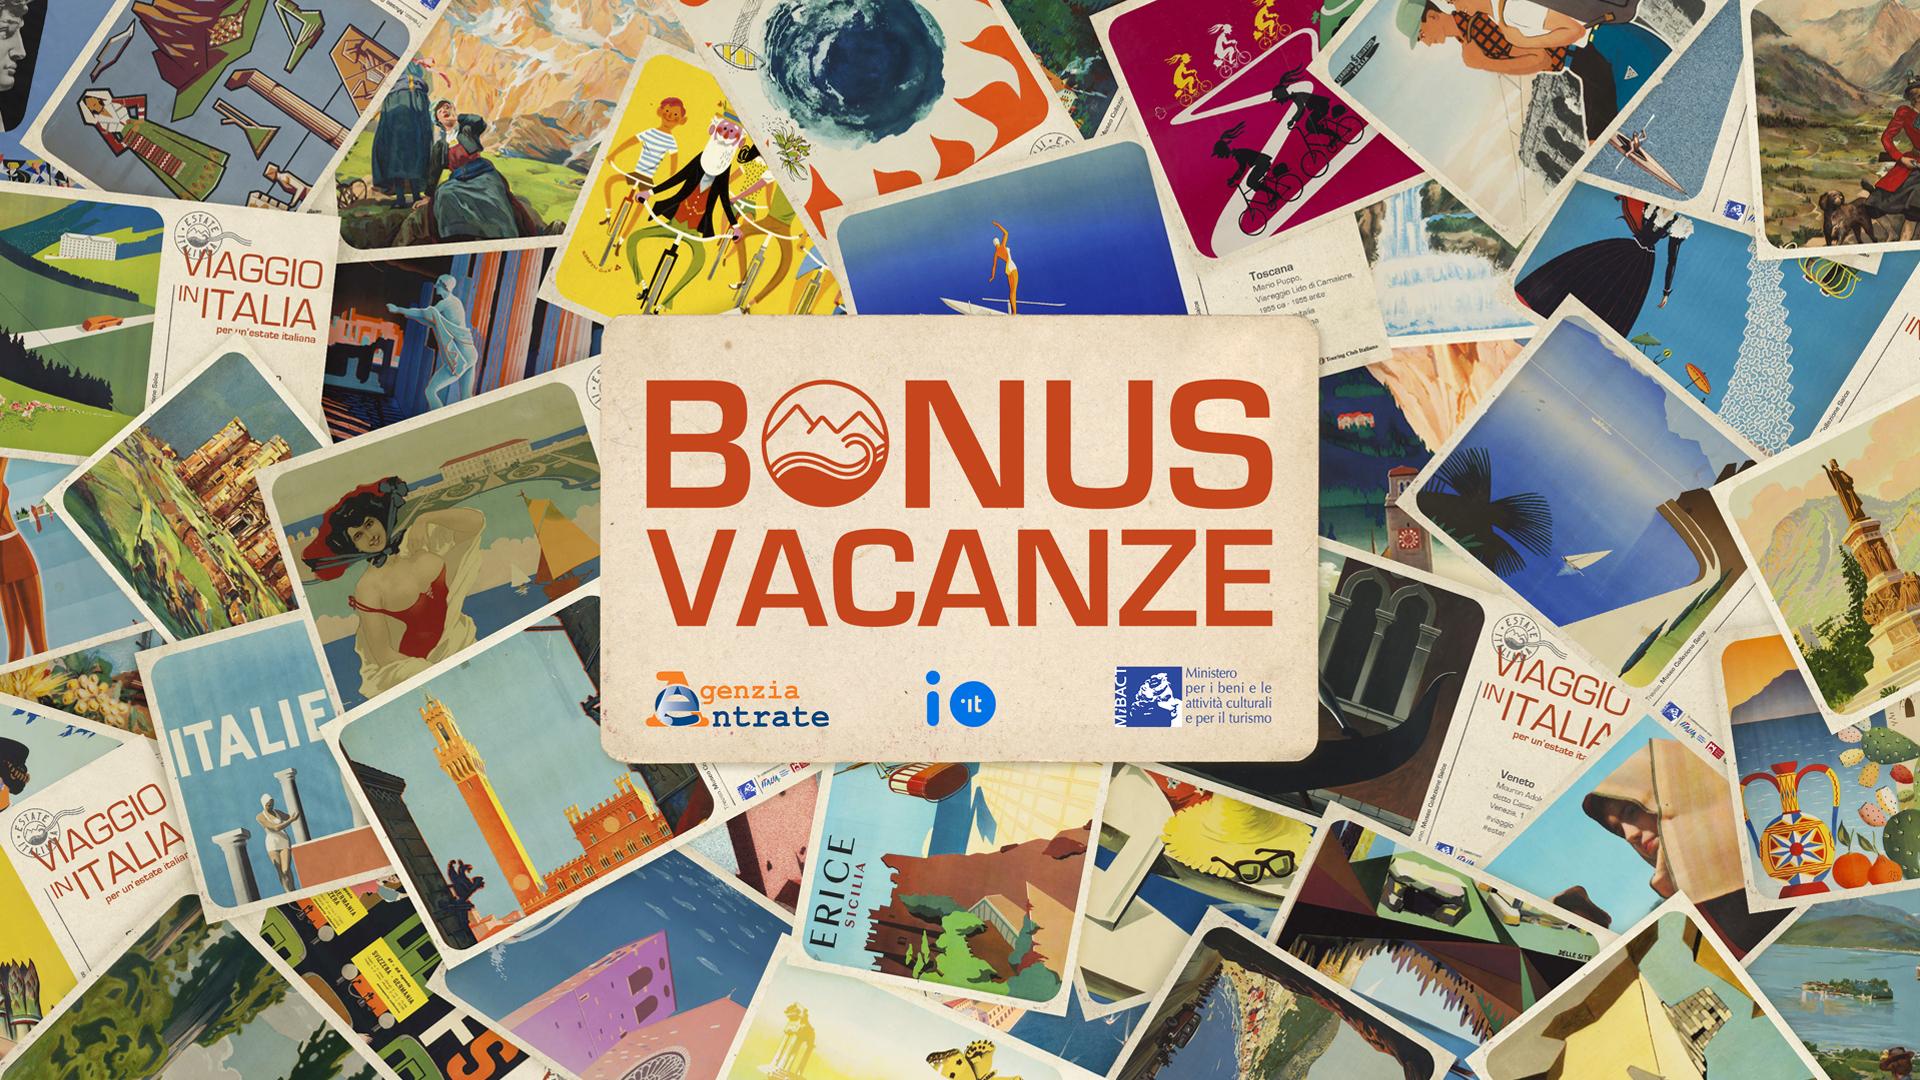 L'ultima corsa al Bonus Vacanze: ecco come richiederlo